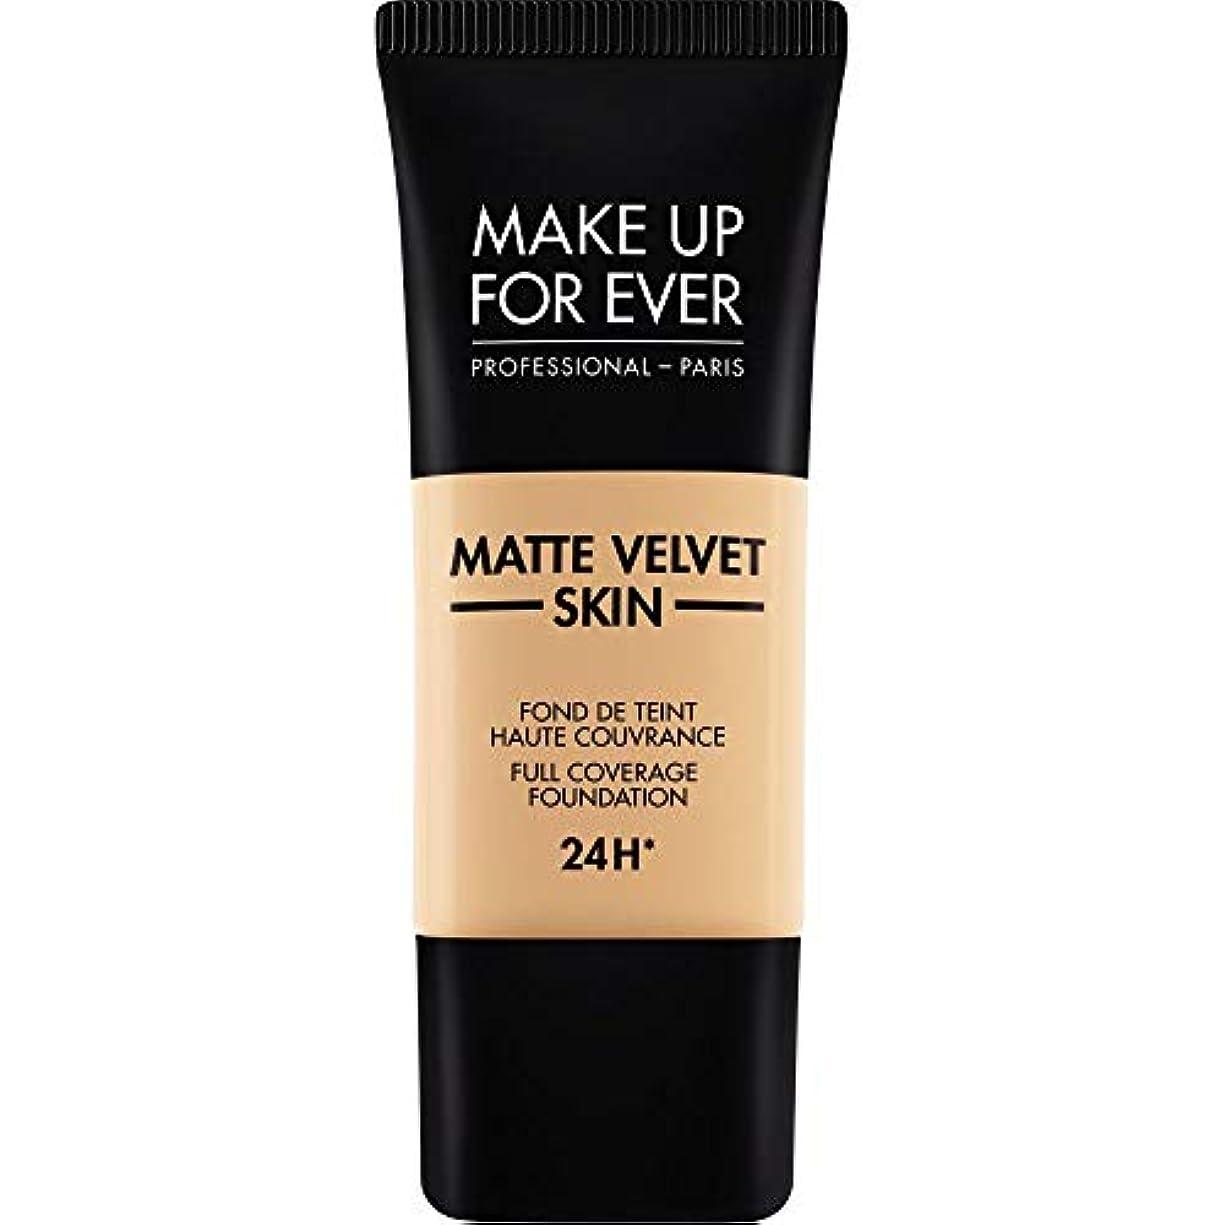 ペット彼女は秘密の[MAKE UP FOR EVER ] 暗い砂 - これまでマットベルベットの皮膚のフルカバレッジ基礎30ミリリットルのY335を補います - MAKE UP FOR EVER Matte Velvet Skin Full...